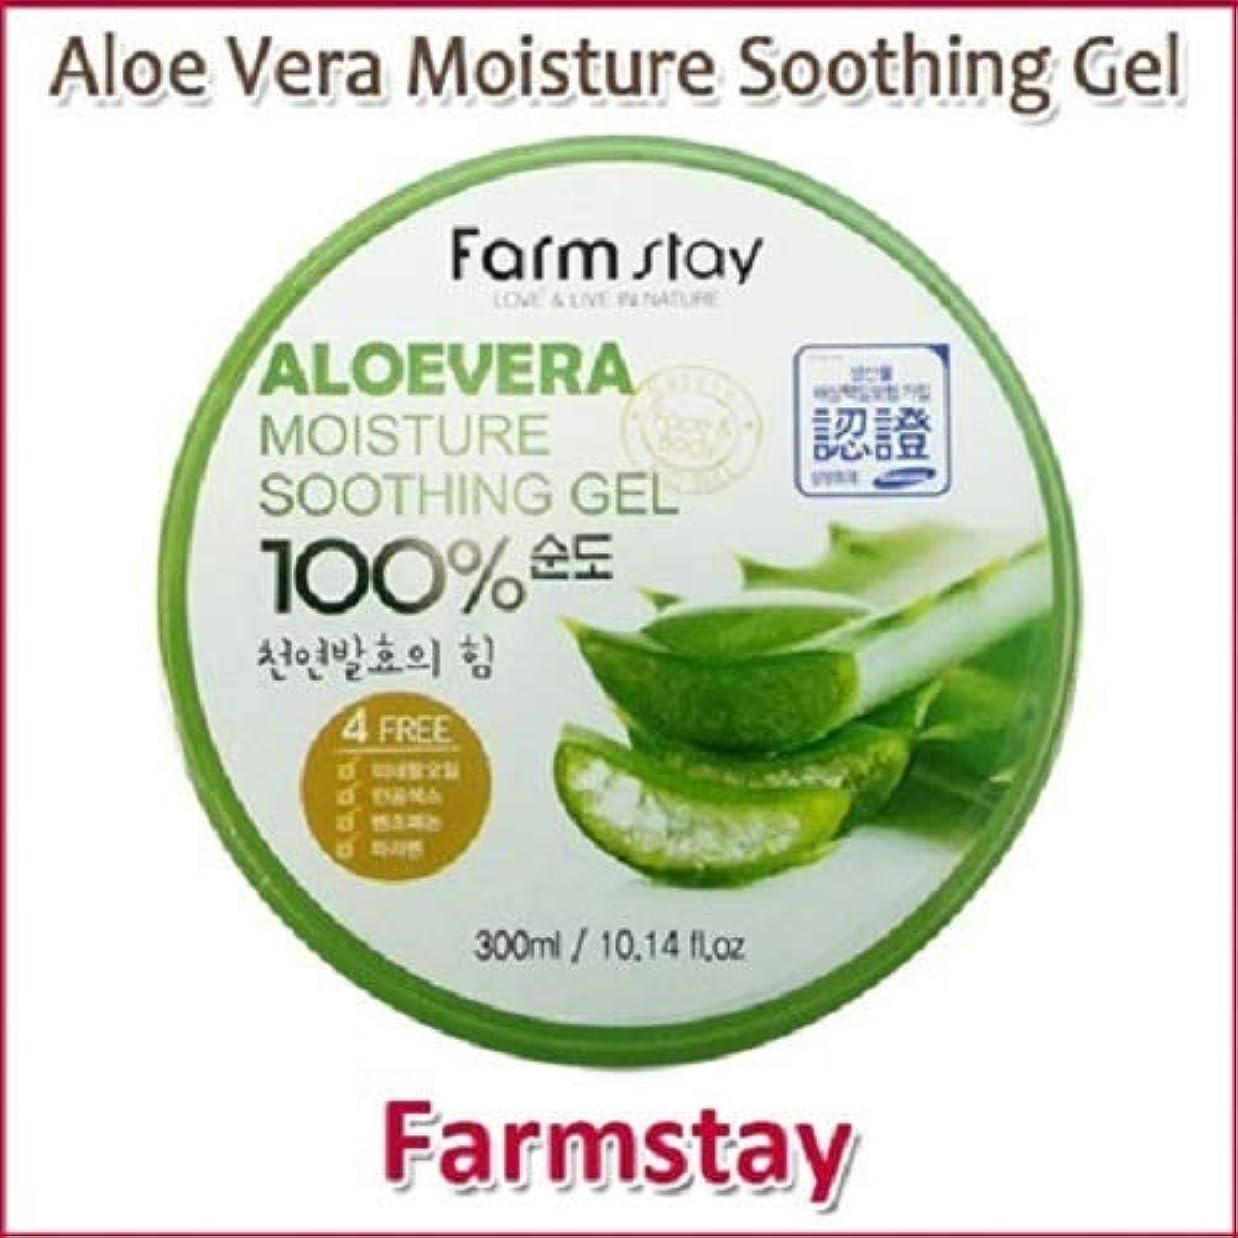 体細胞他の場所ありがたいFarm Stay Aloe Vera Moisture Soothing Gel 300ml /オーガニック アロエベラゲル 100%/保湿ケア/韓国コスメ/Aloe Vera 100% /Moisturizing [...